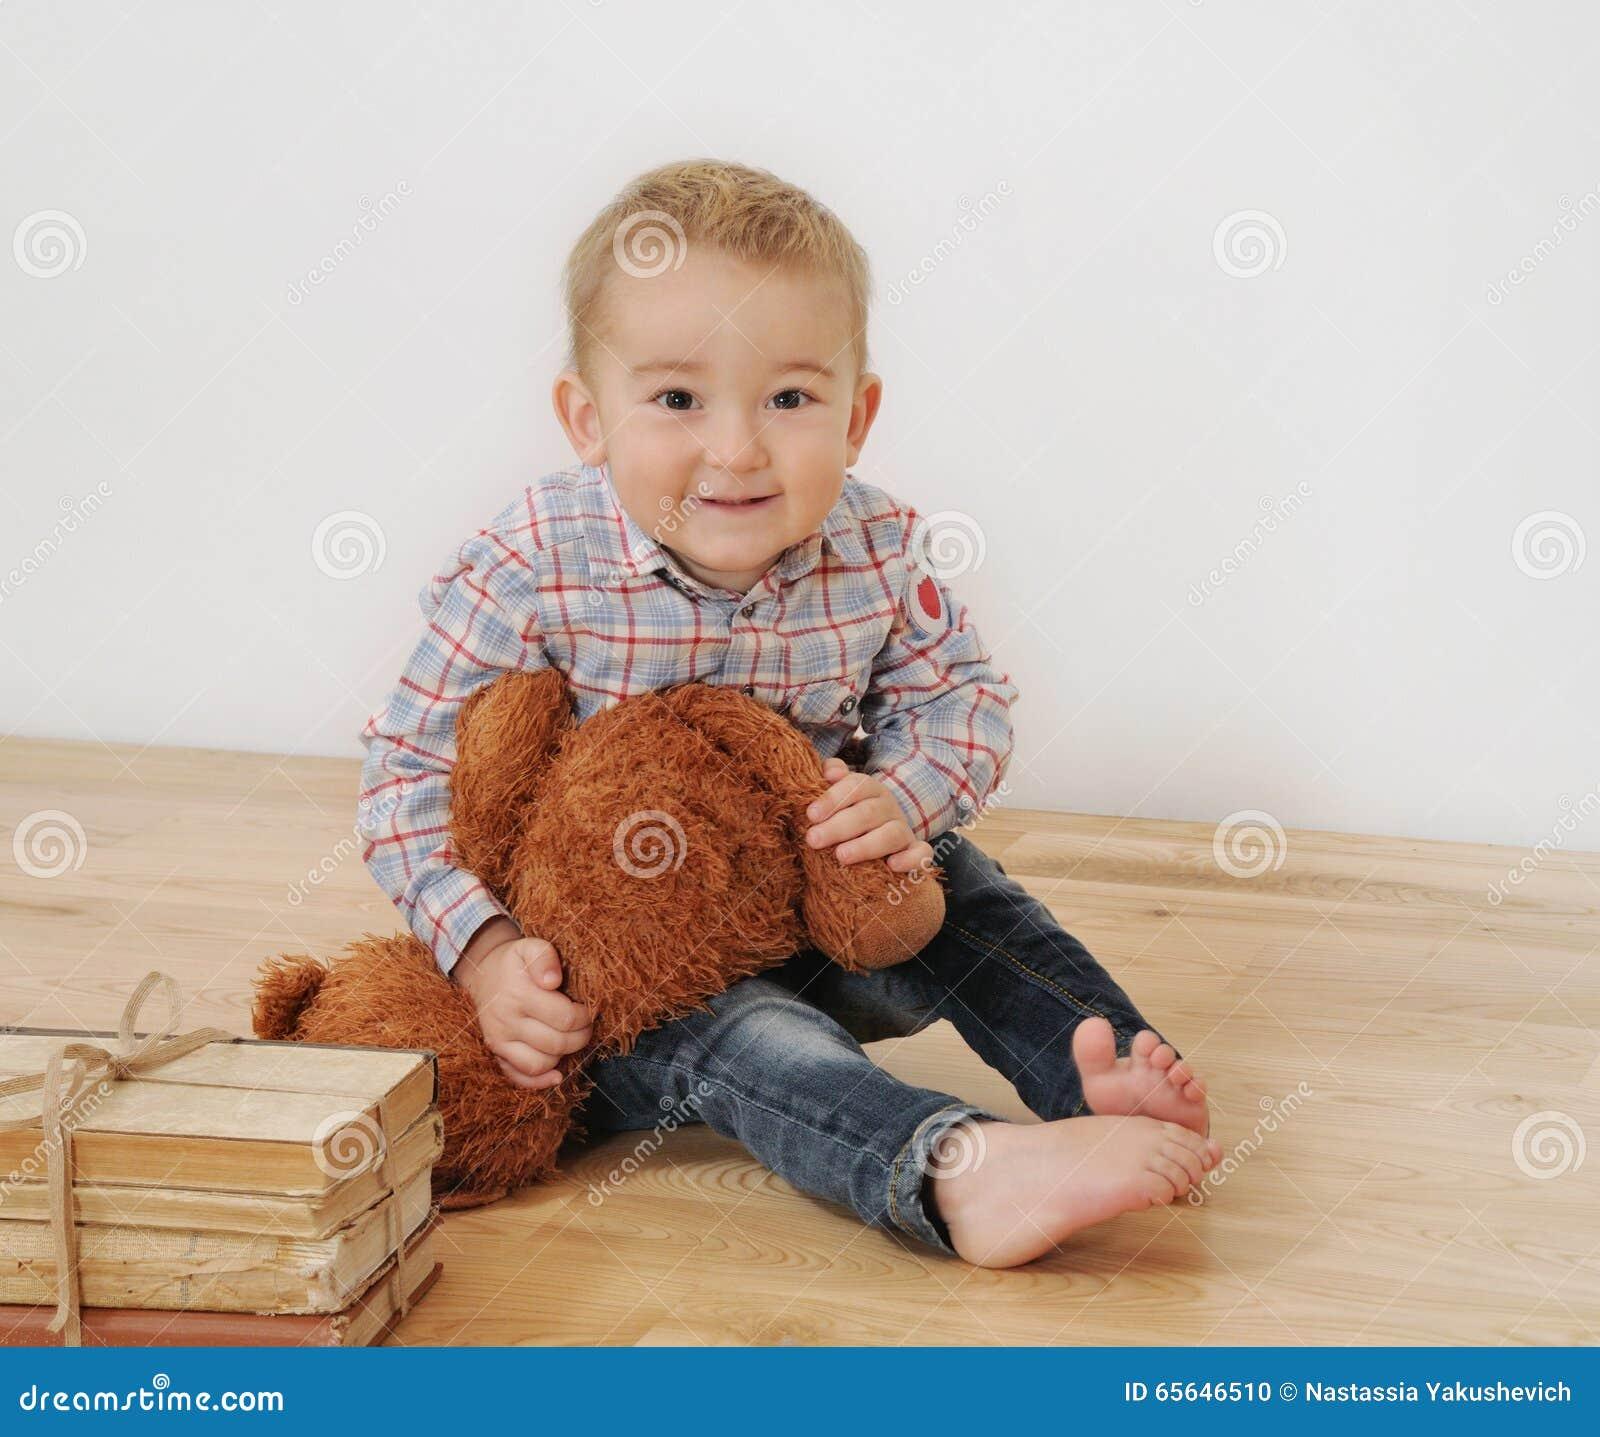 Le studio a tiré du petit garçon de sourire mignon avec son jouet et livres